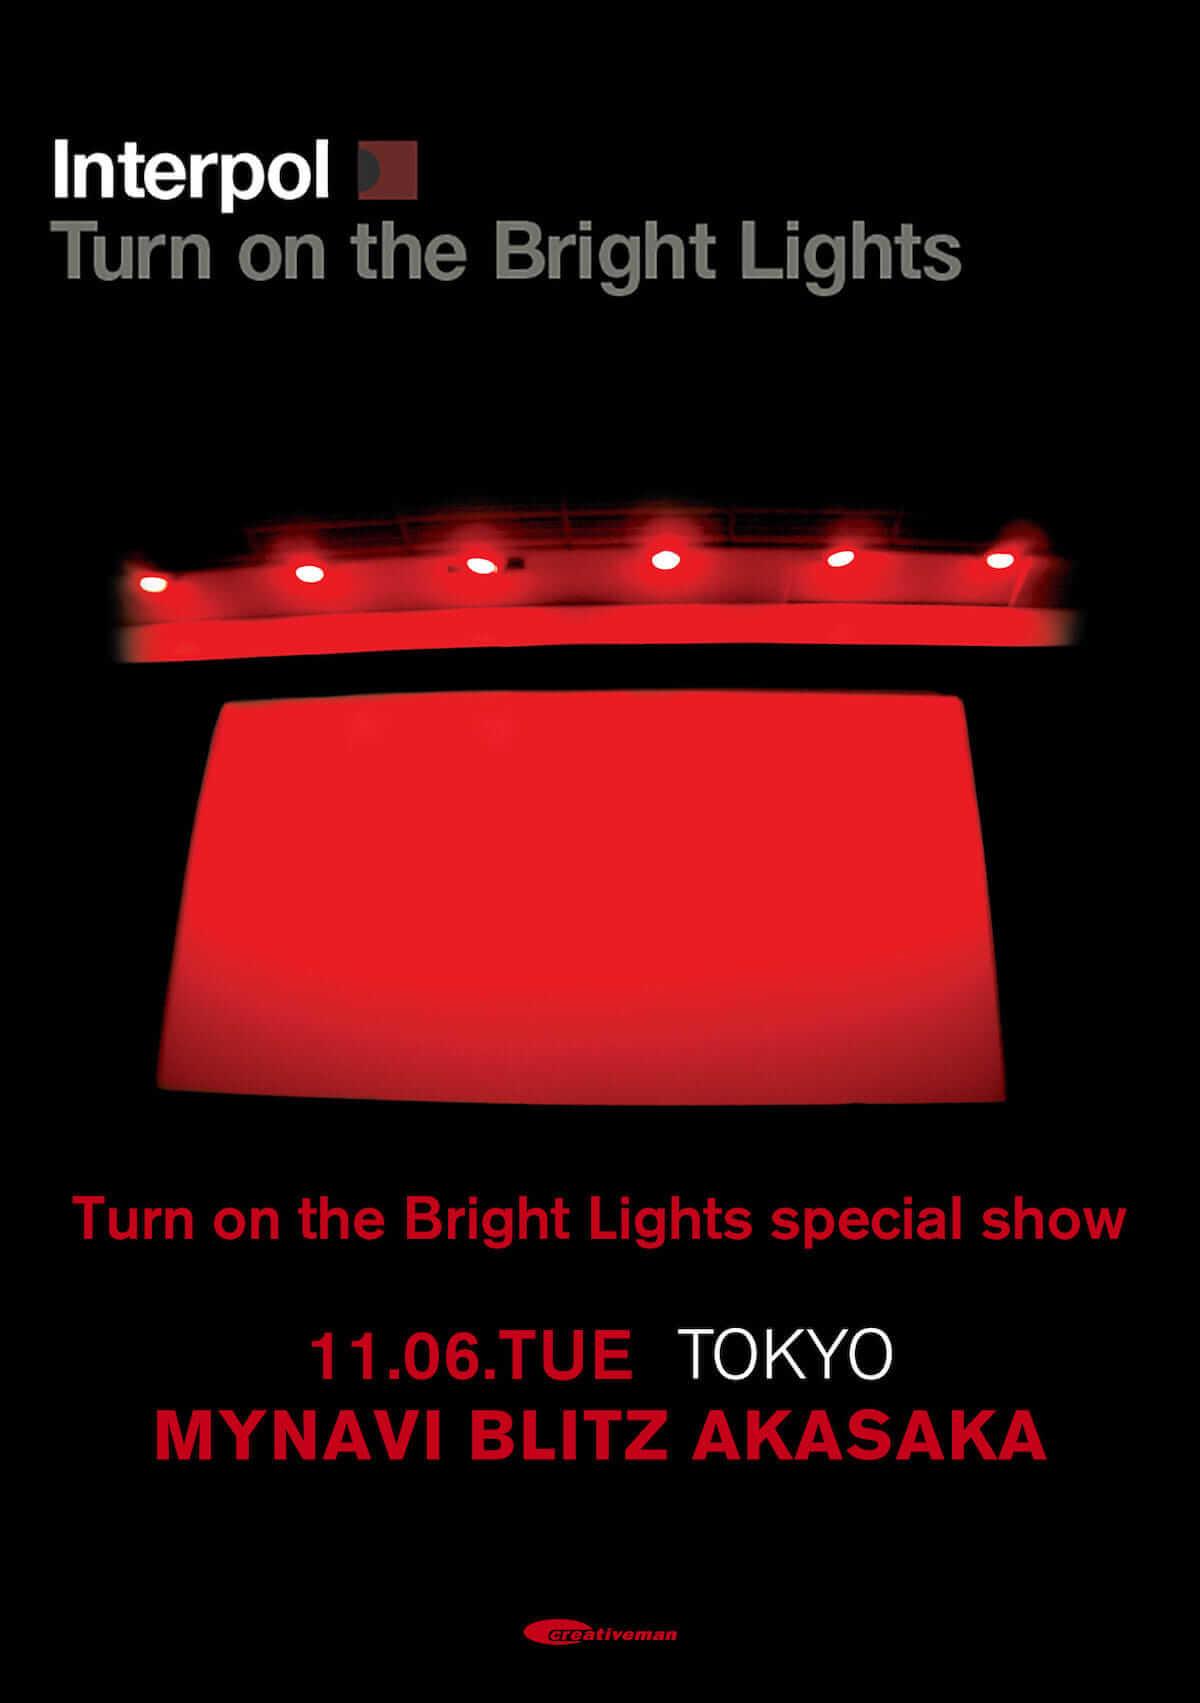 インターポール来日、『Turn on the Bright Lights』再現ライブ開催決定!新作『Marauder』リリースも発表 music180608_interpol_3-1200x1703